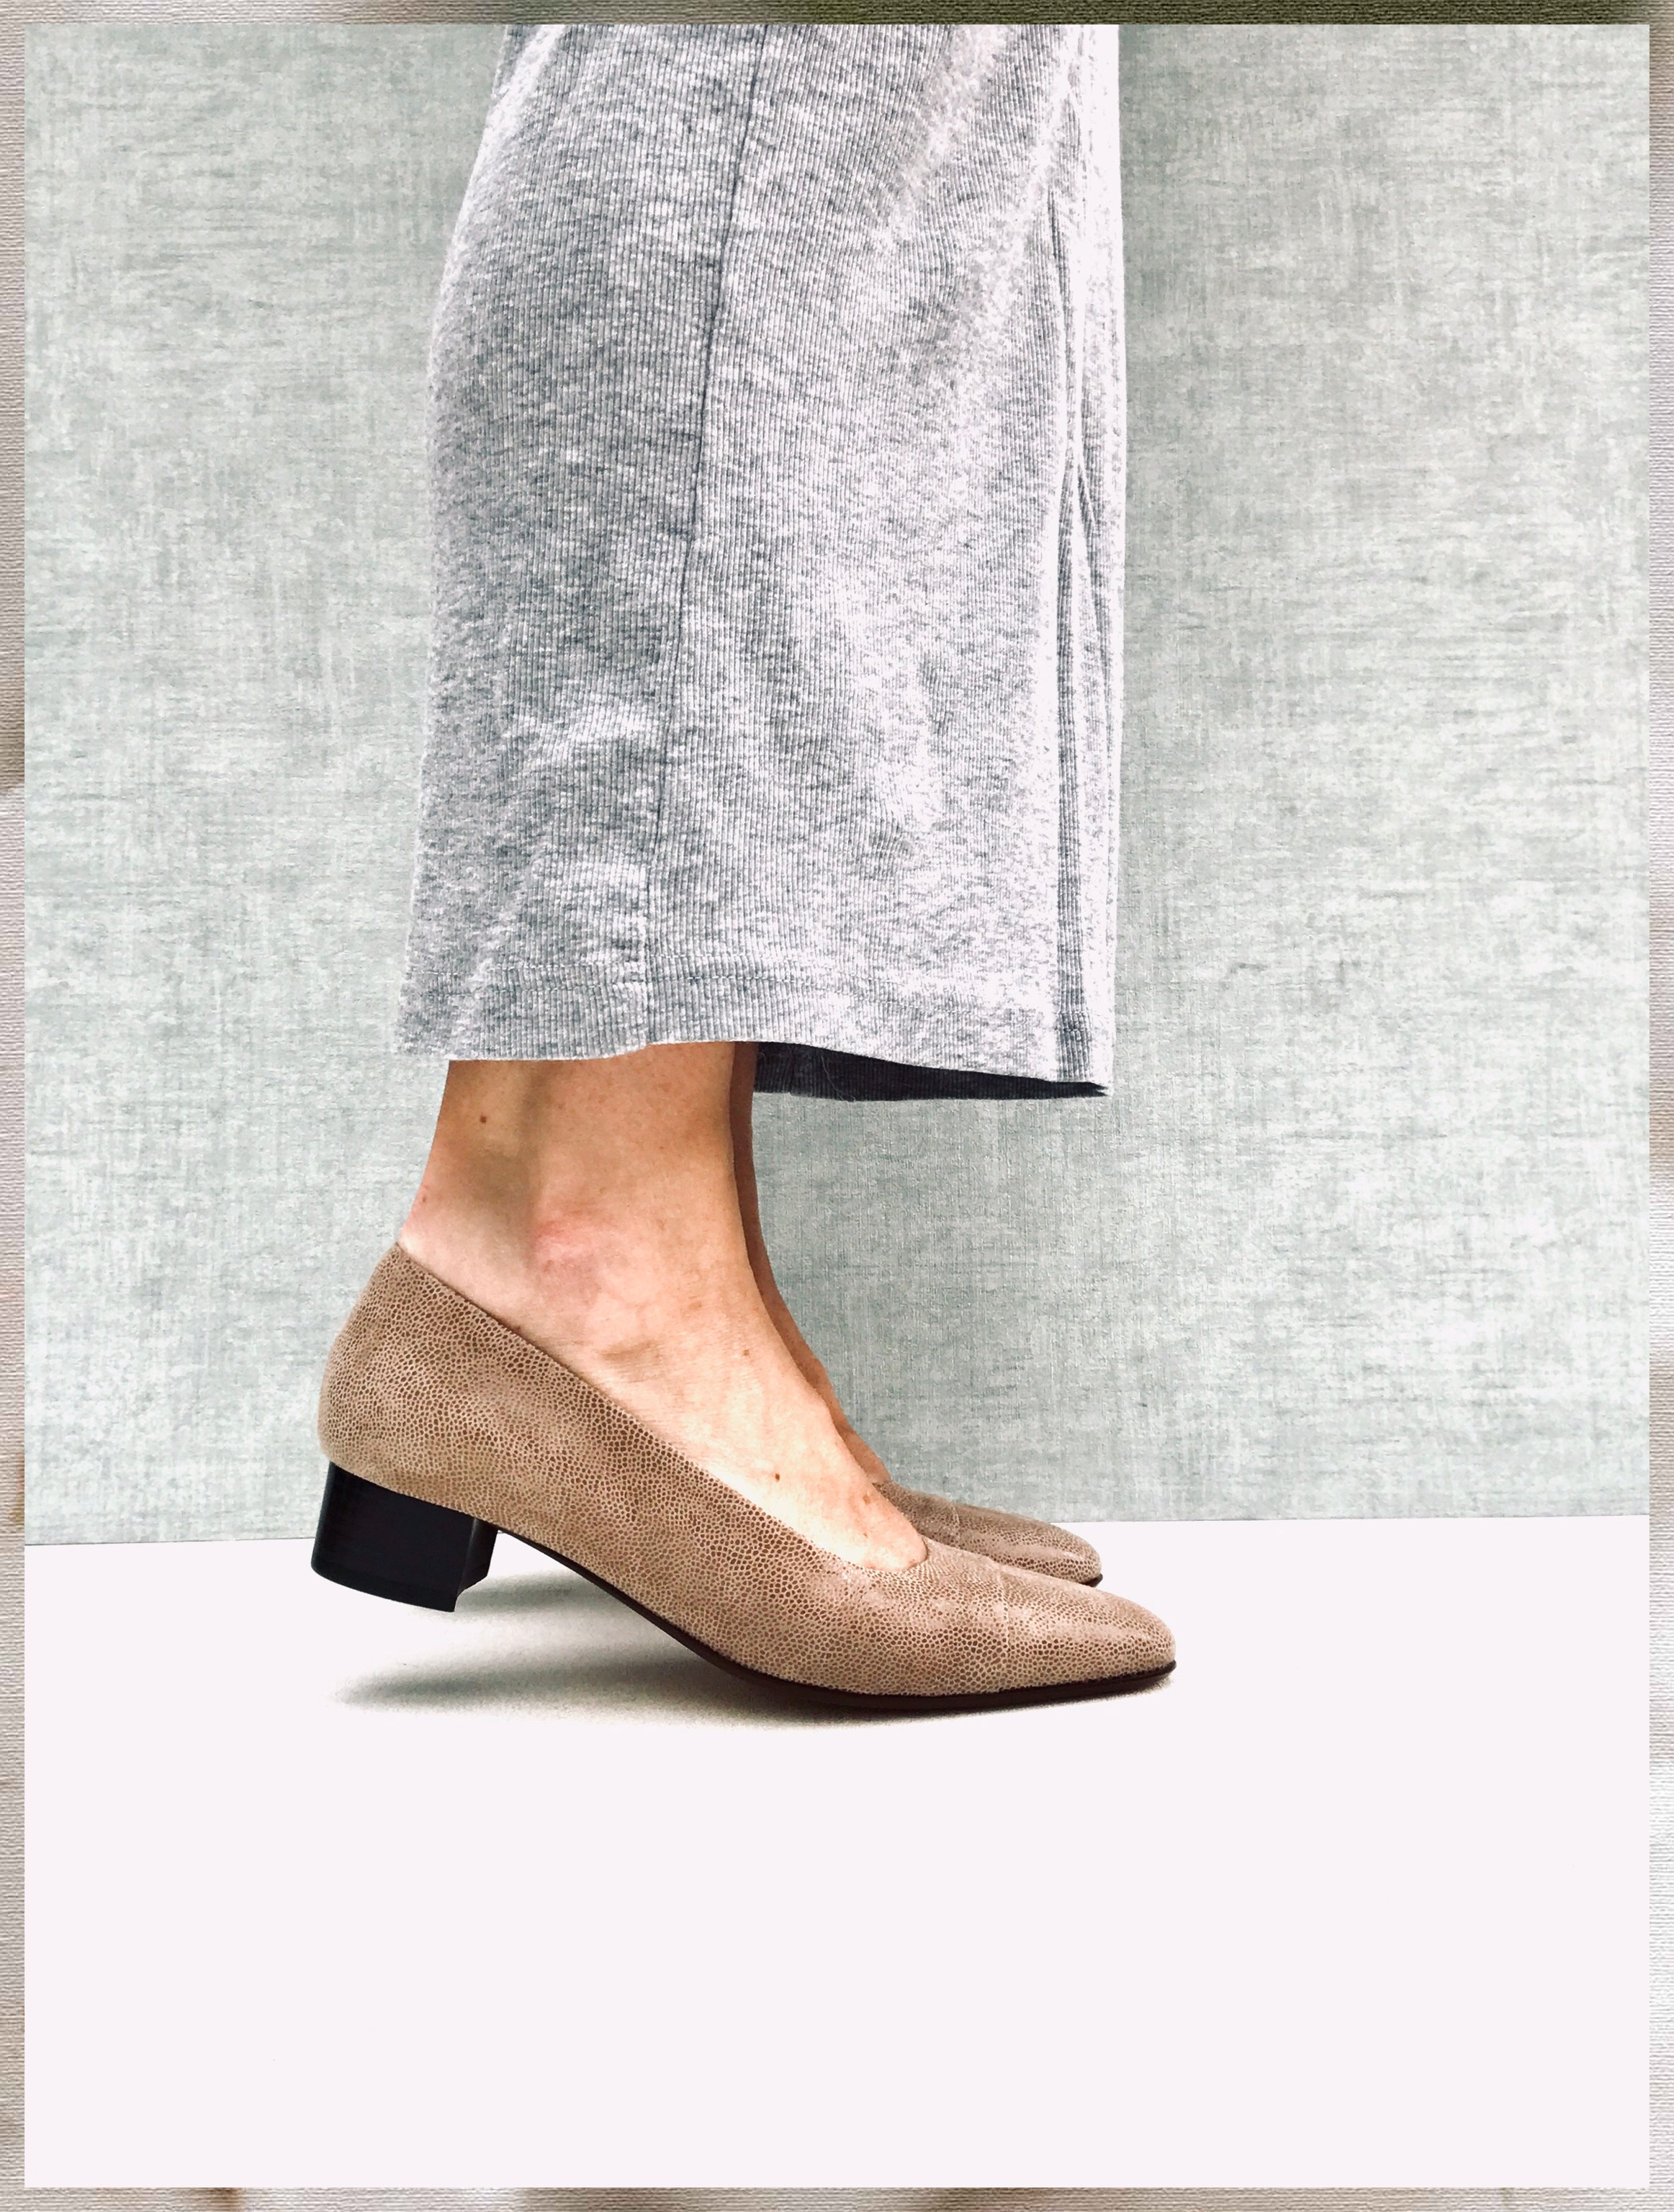 Genève Online Luganoamp; Spécialiste Pour Femmes Chaussures Des VUSpqMz